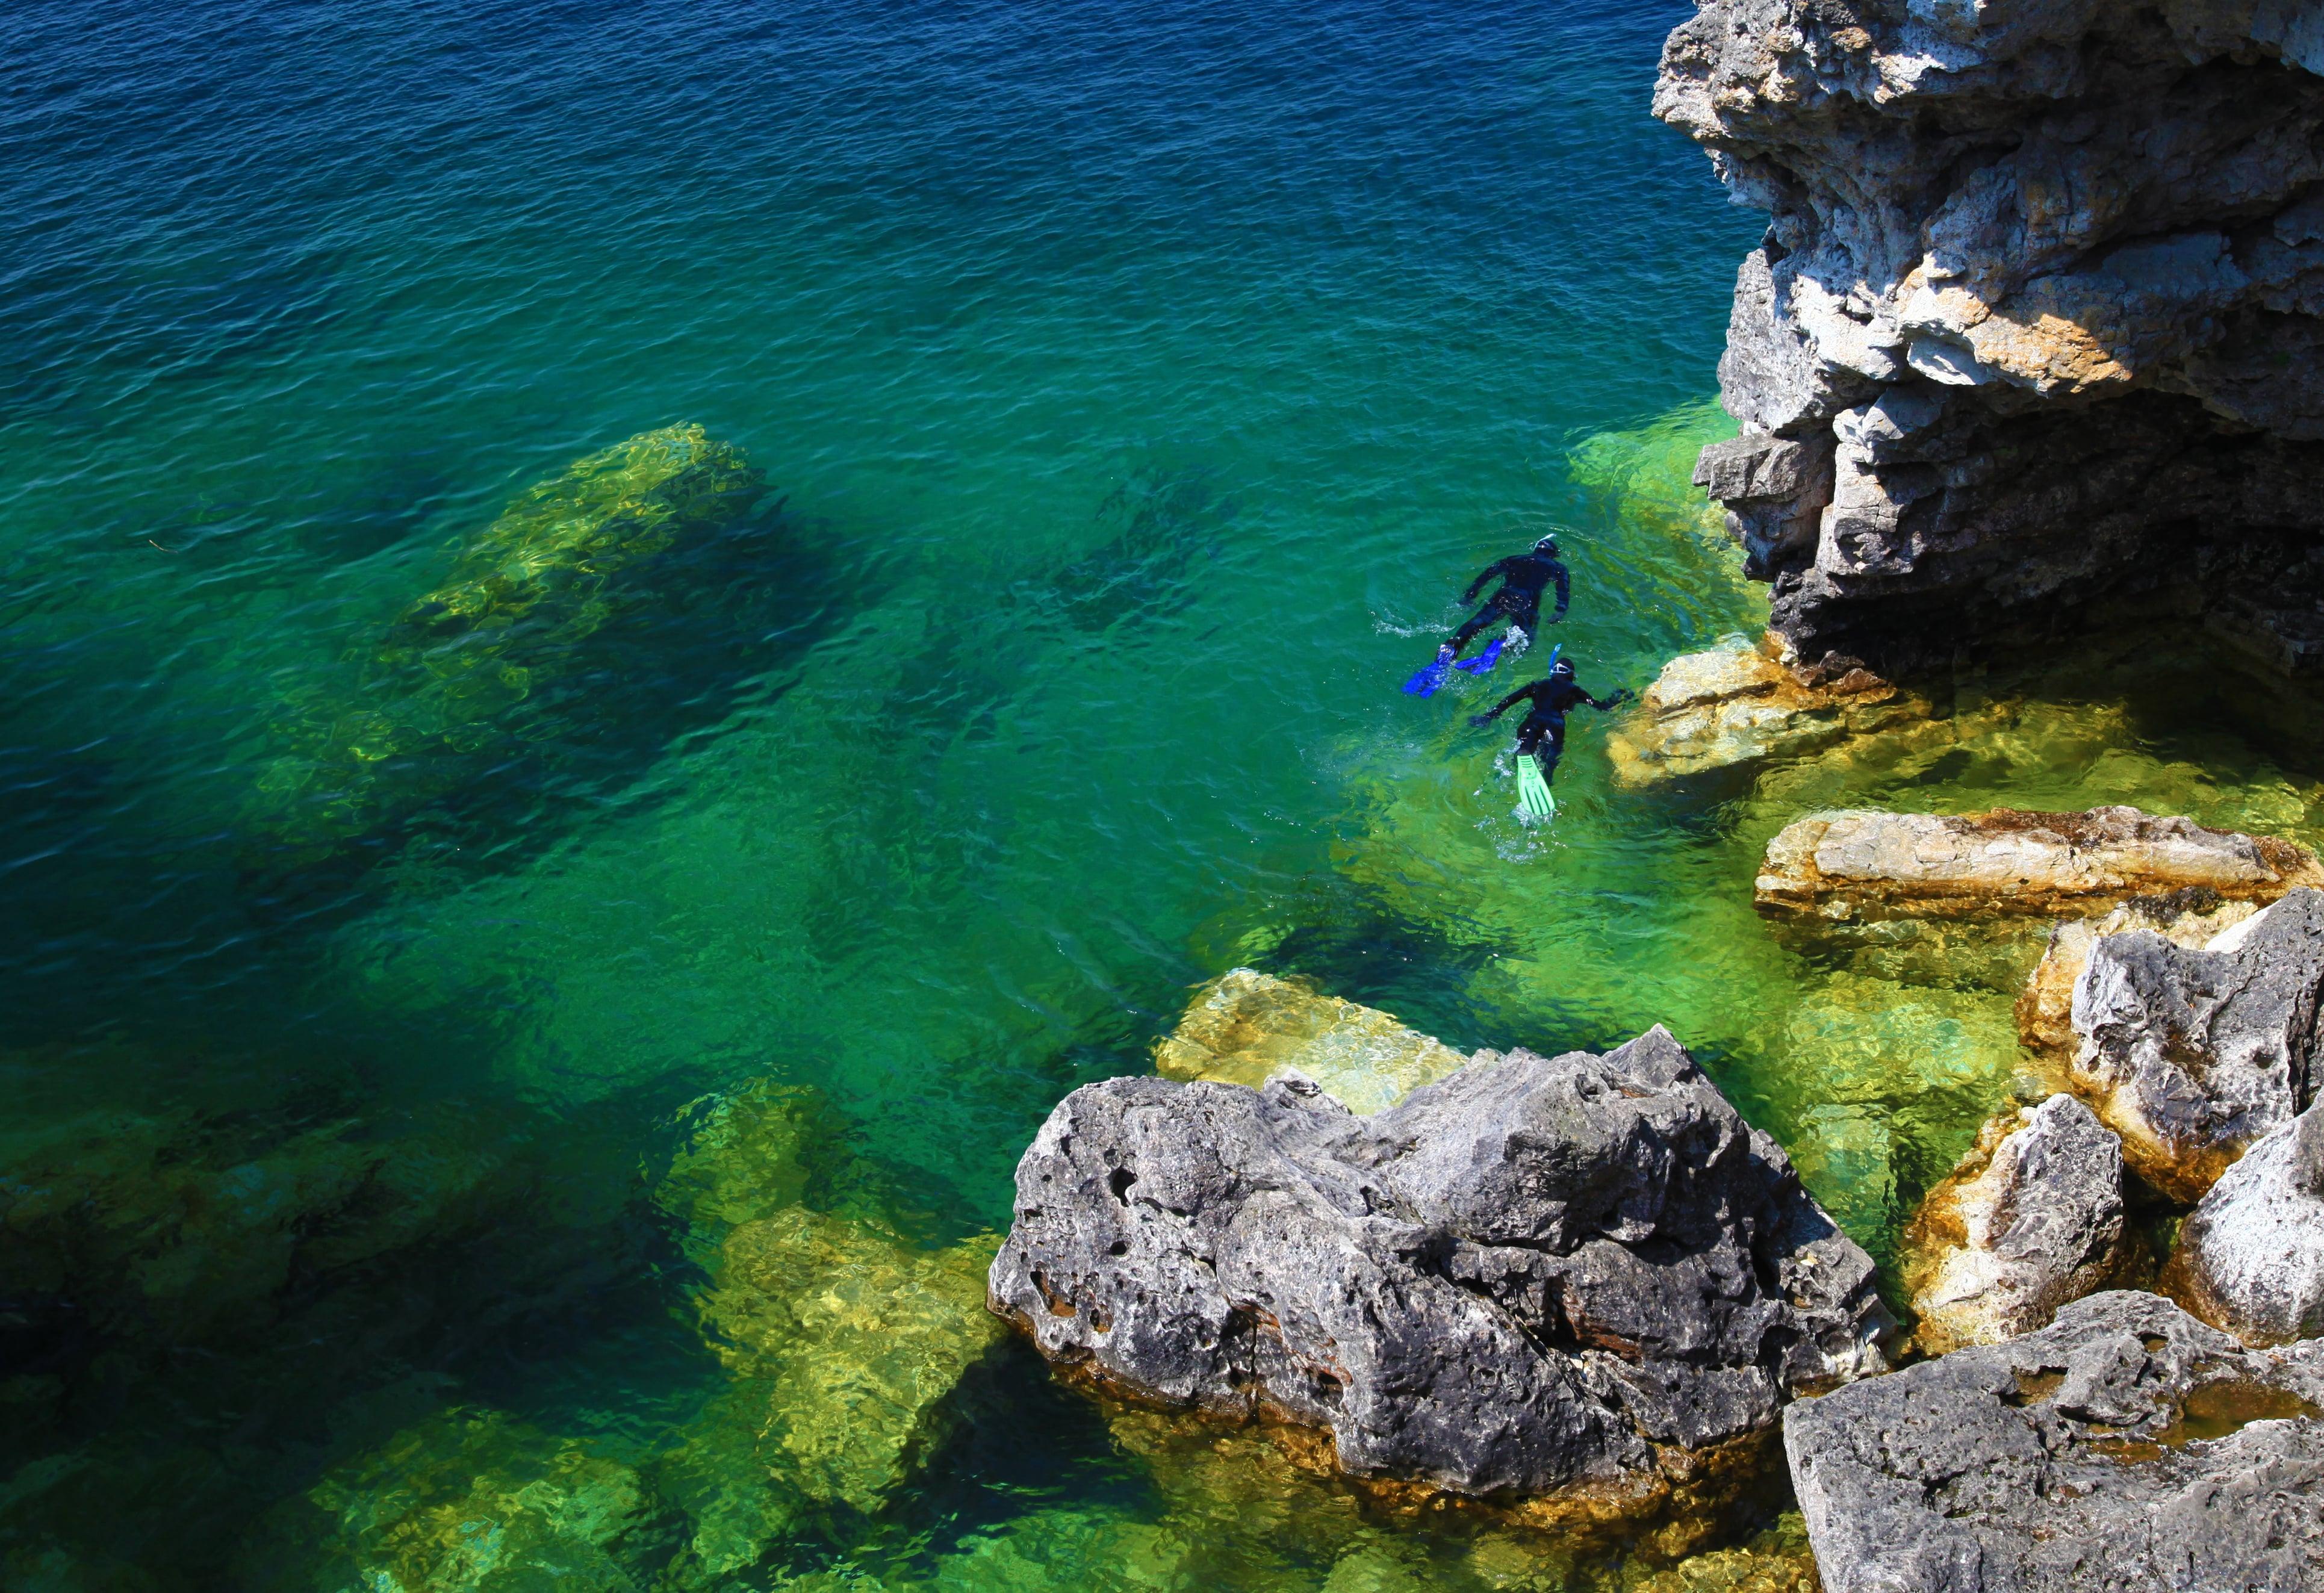 Snorkellers in water